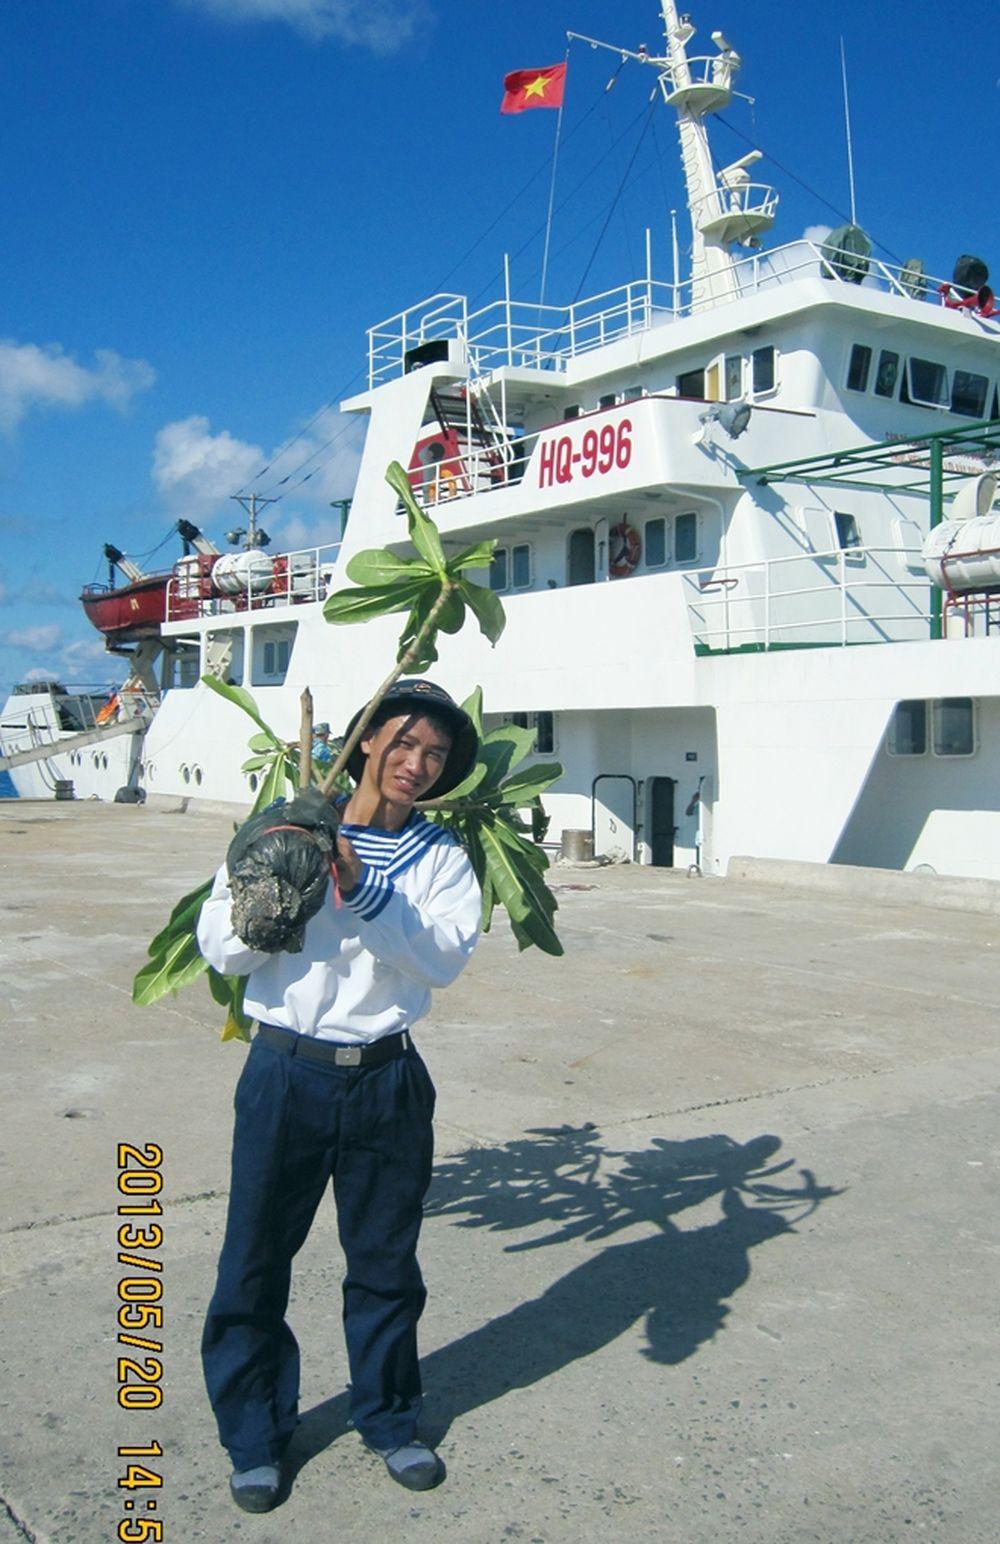 Hành trình trên sông Sài Gòn kéo dài khoảng 3 giờ, là lúc các thành viên đoàn công tác háo hức lên boong tàu chụp ảnh lưu niệm\u2026 Một cây bàng ...